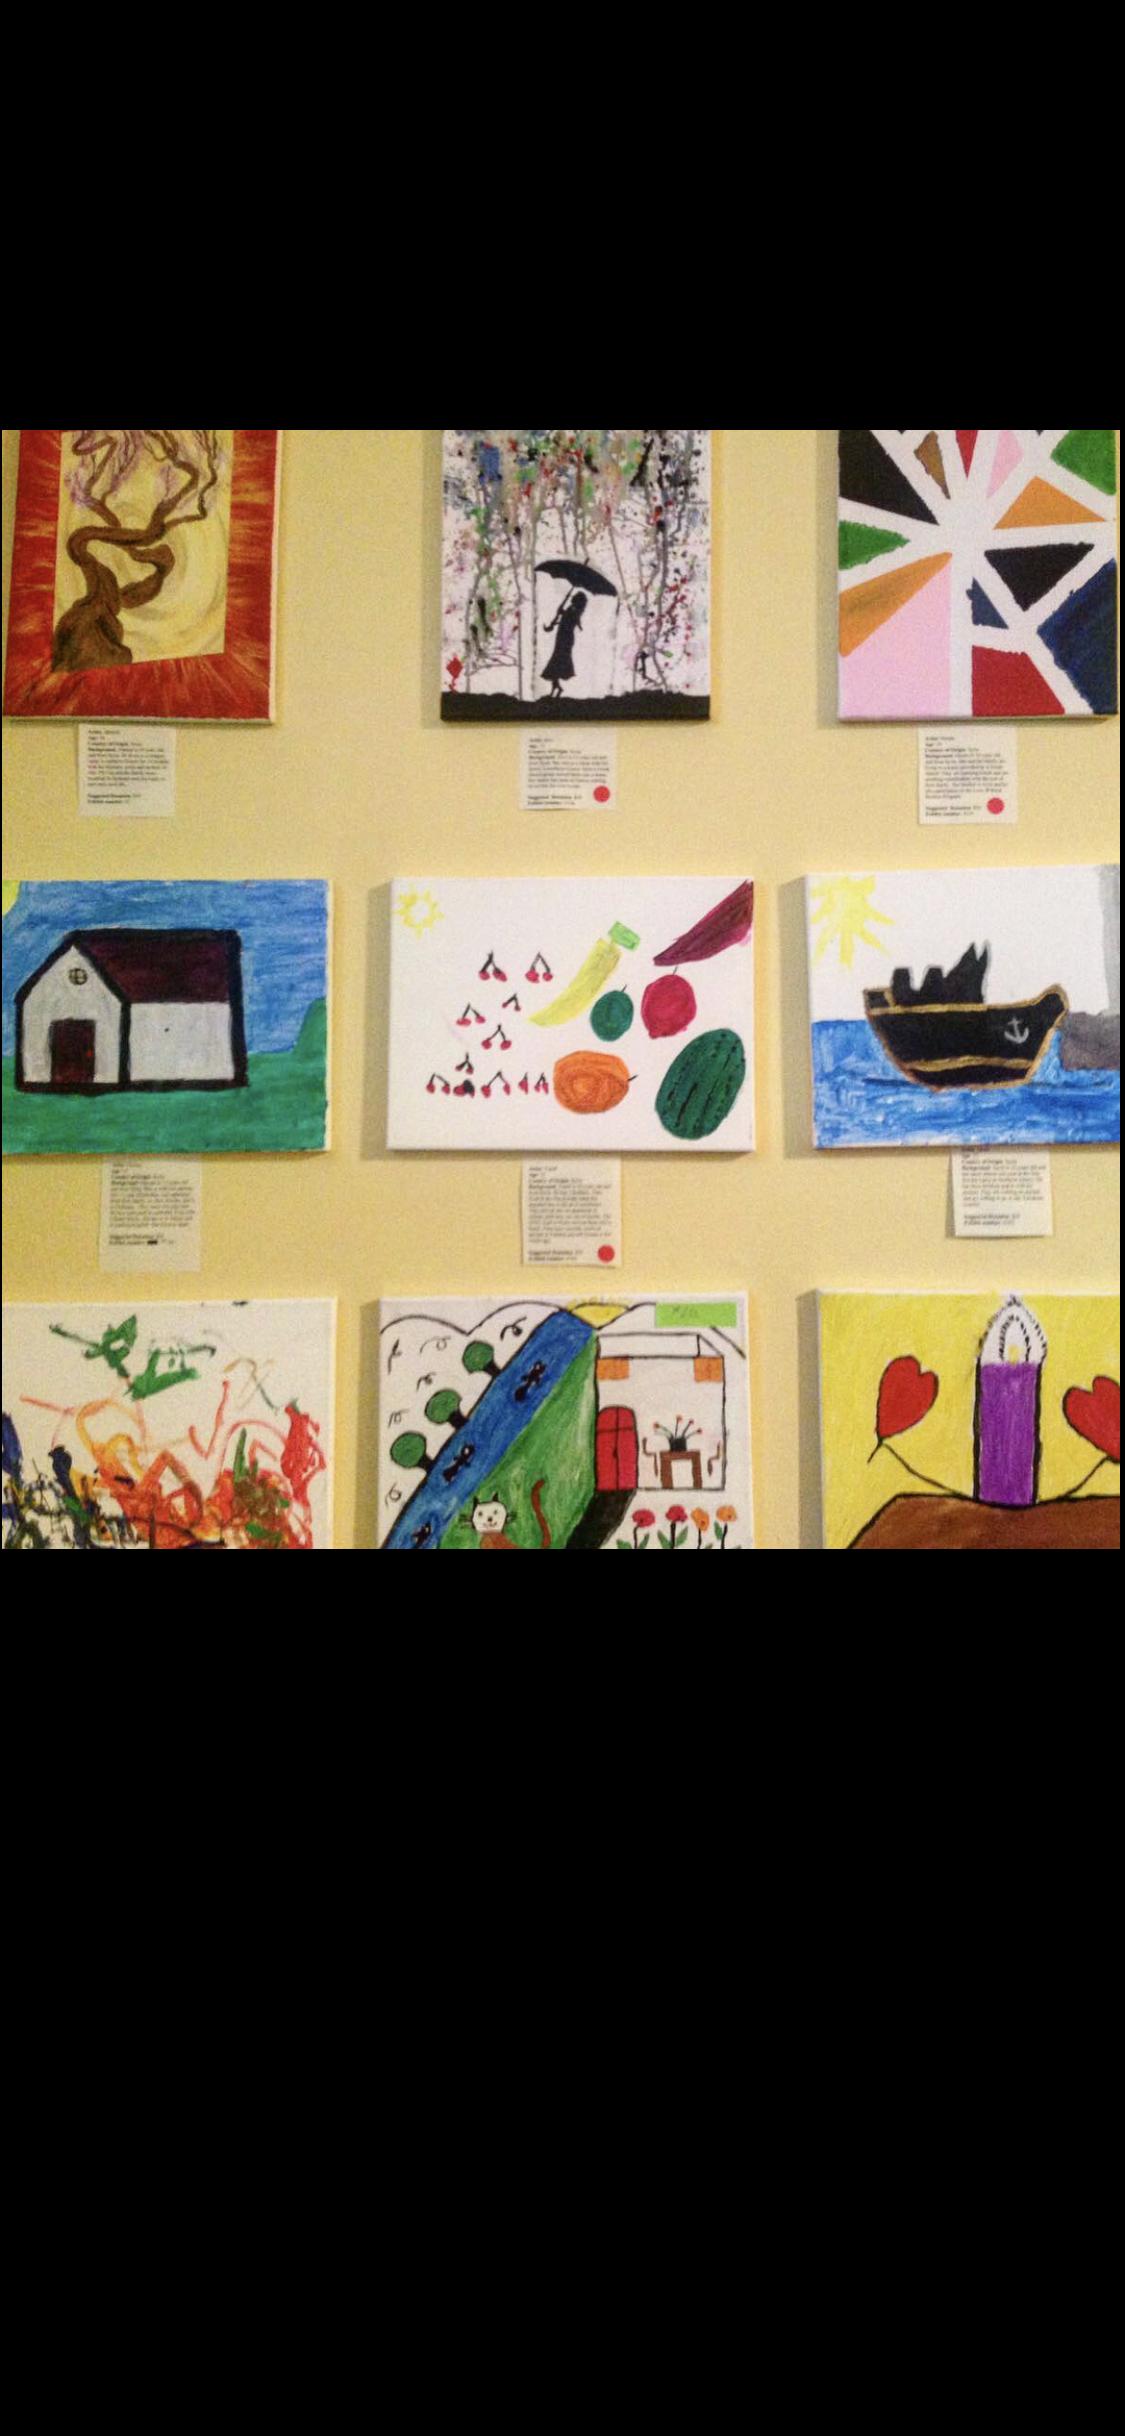 refugee-art-show-art.png